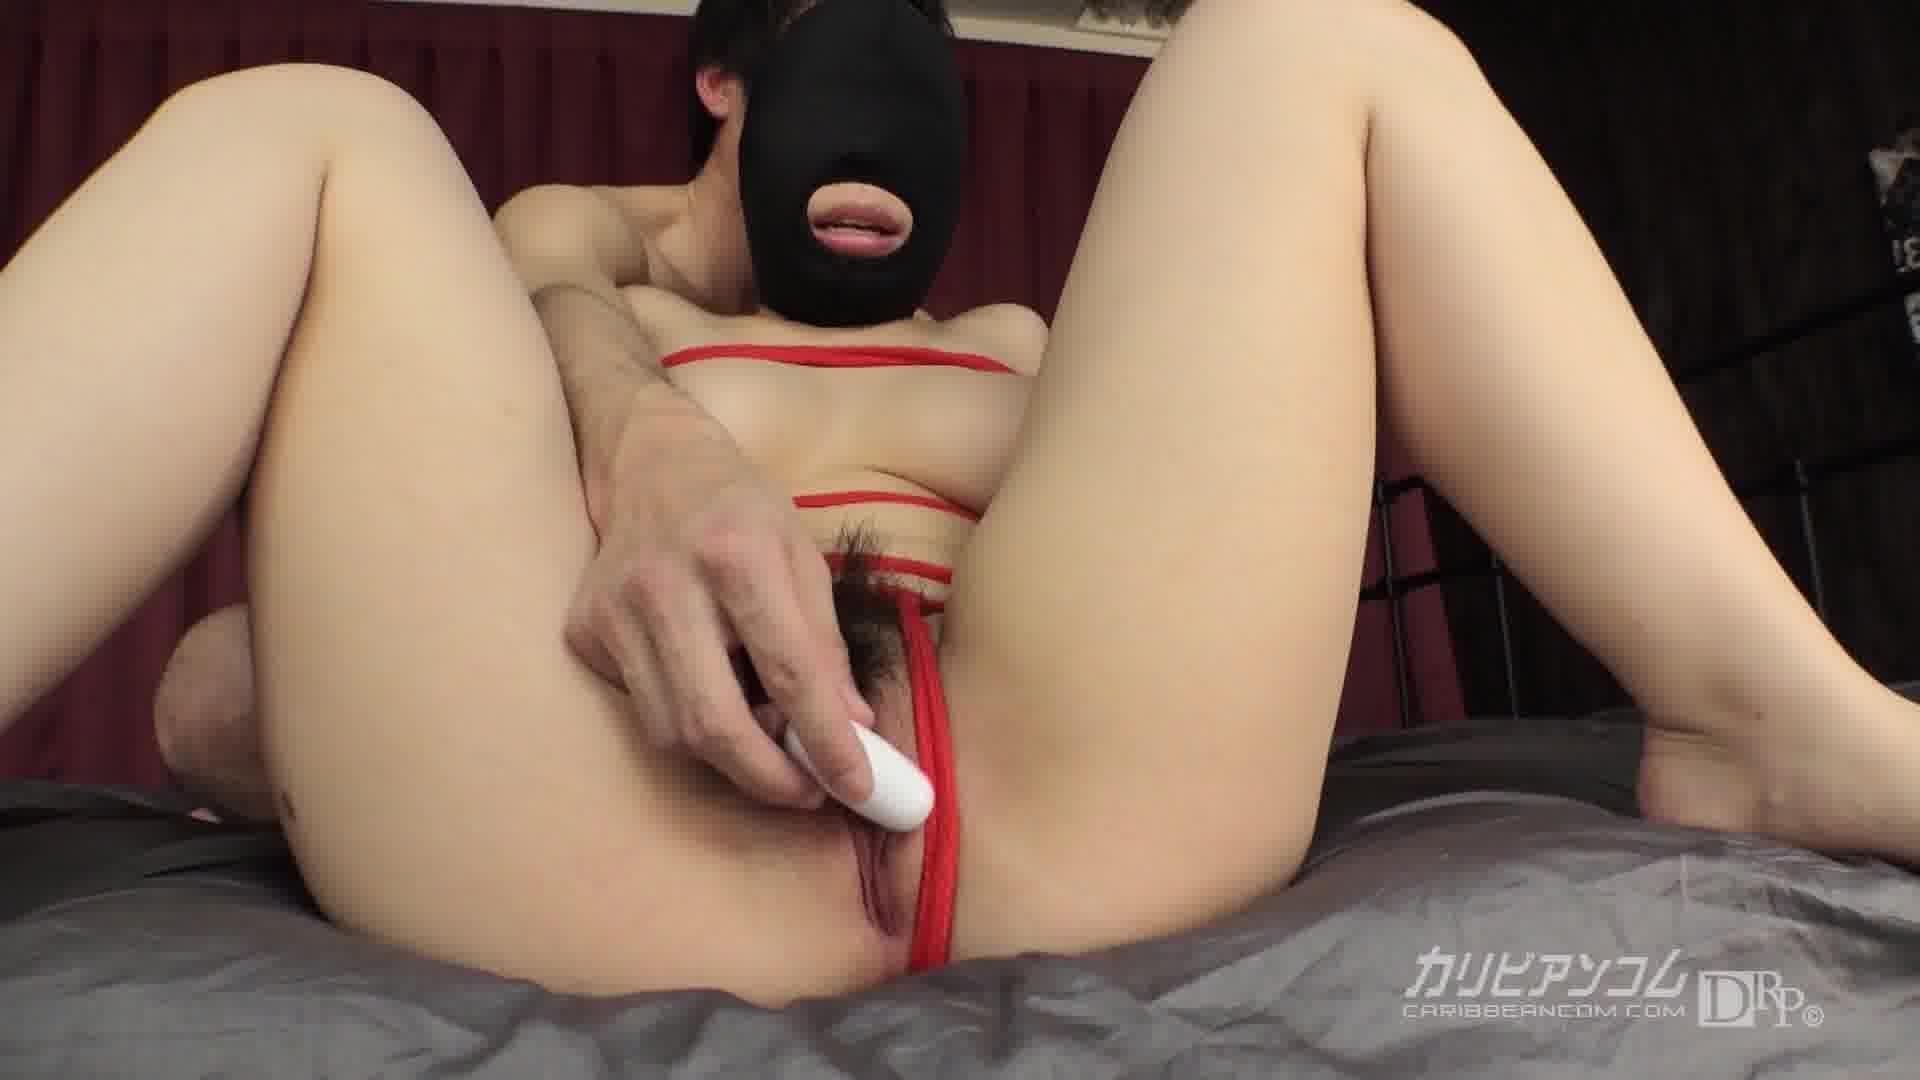 性欲処理マゾマスク ~徹底的に玩具責め~ - 性欲処理マゾマスク 01号【巨乳・美尻・潮吹き】